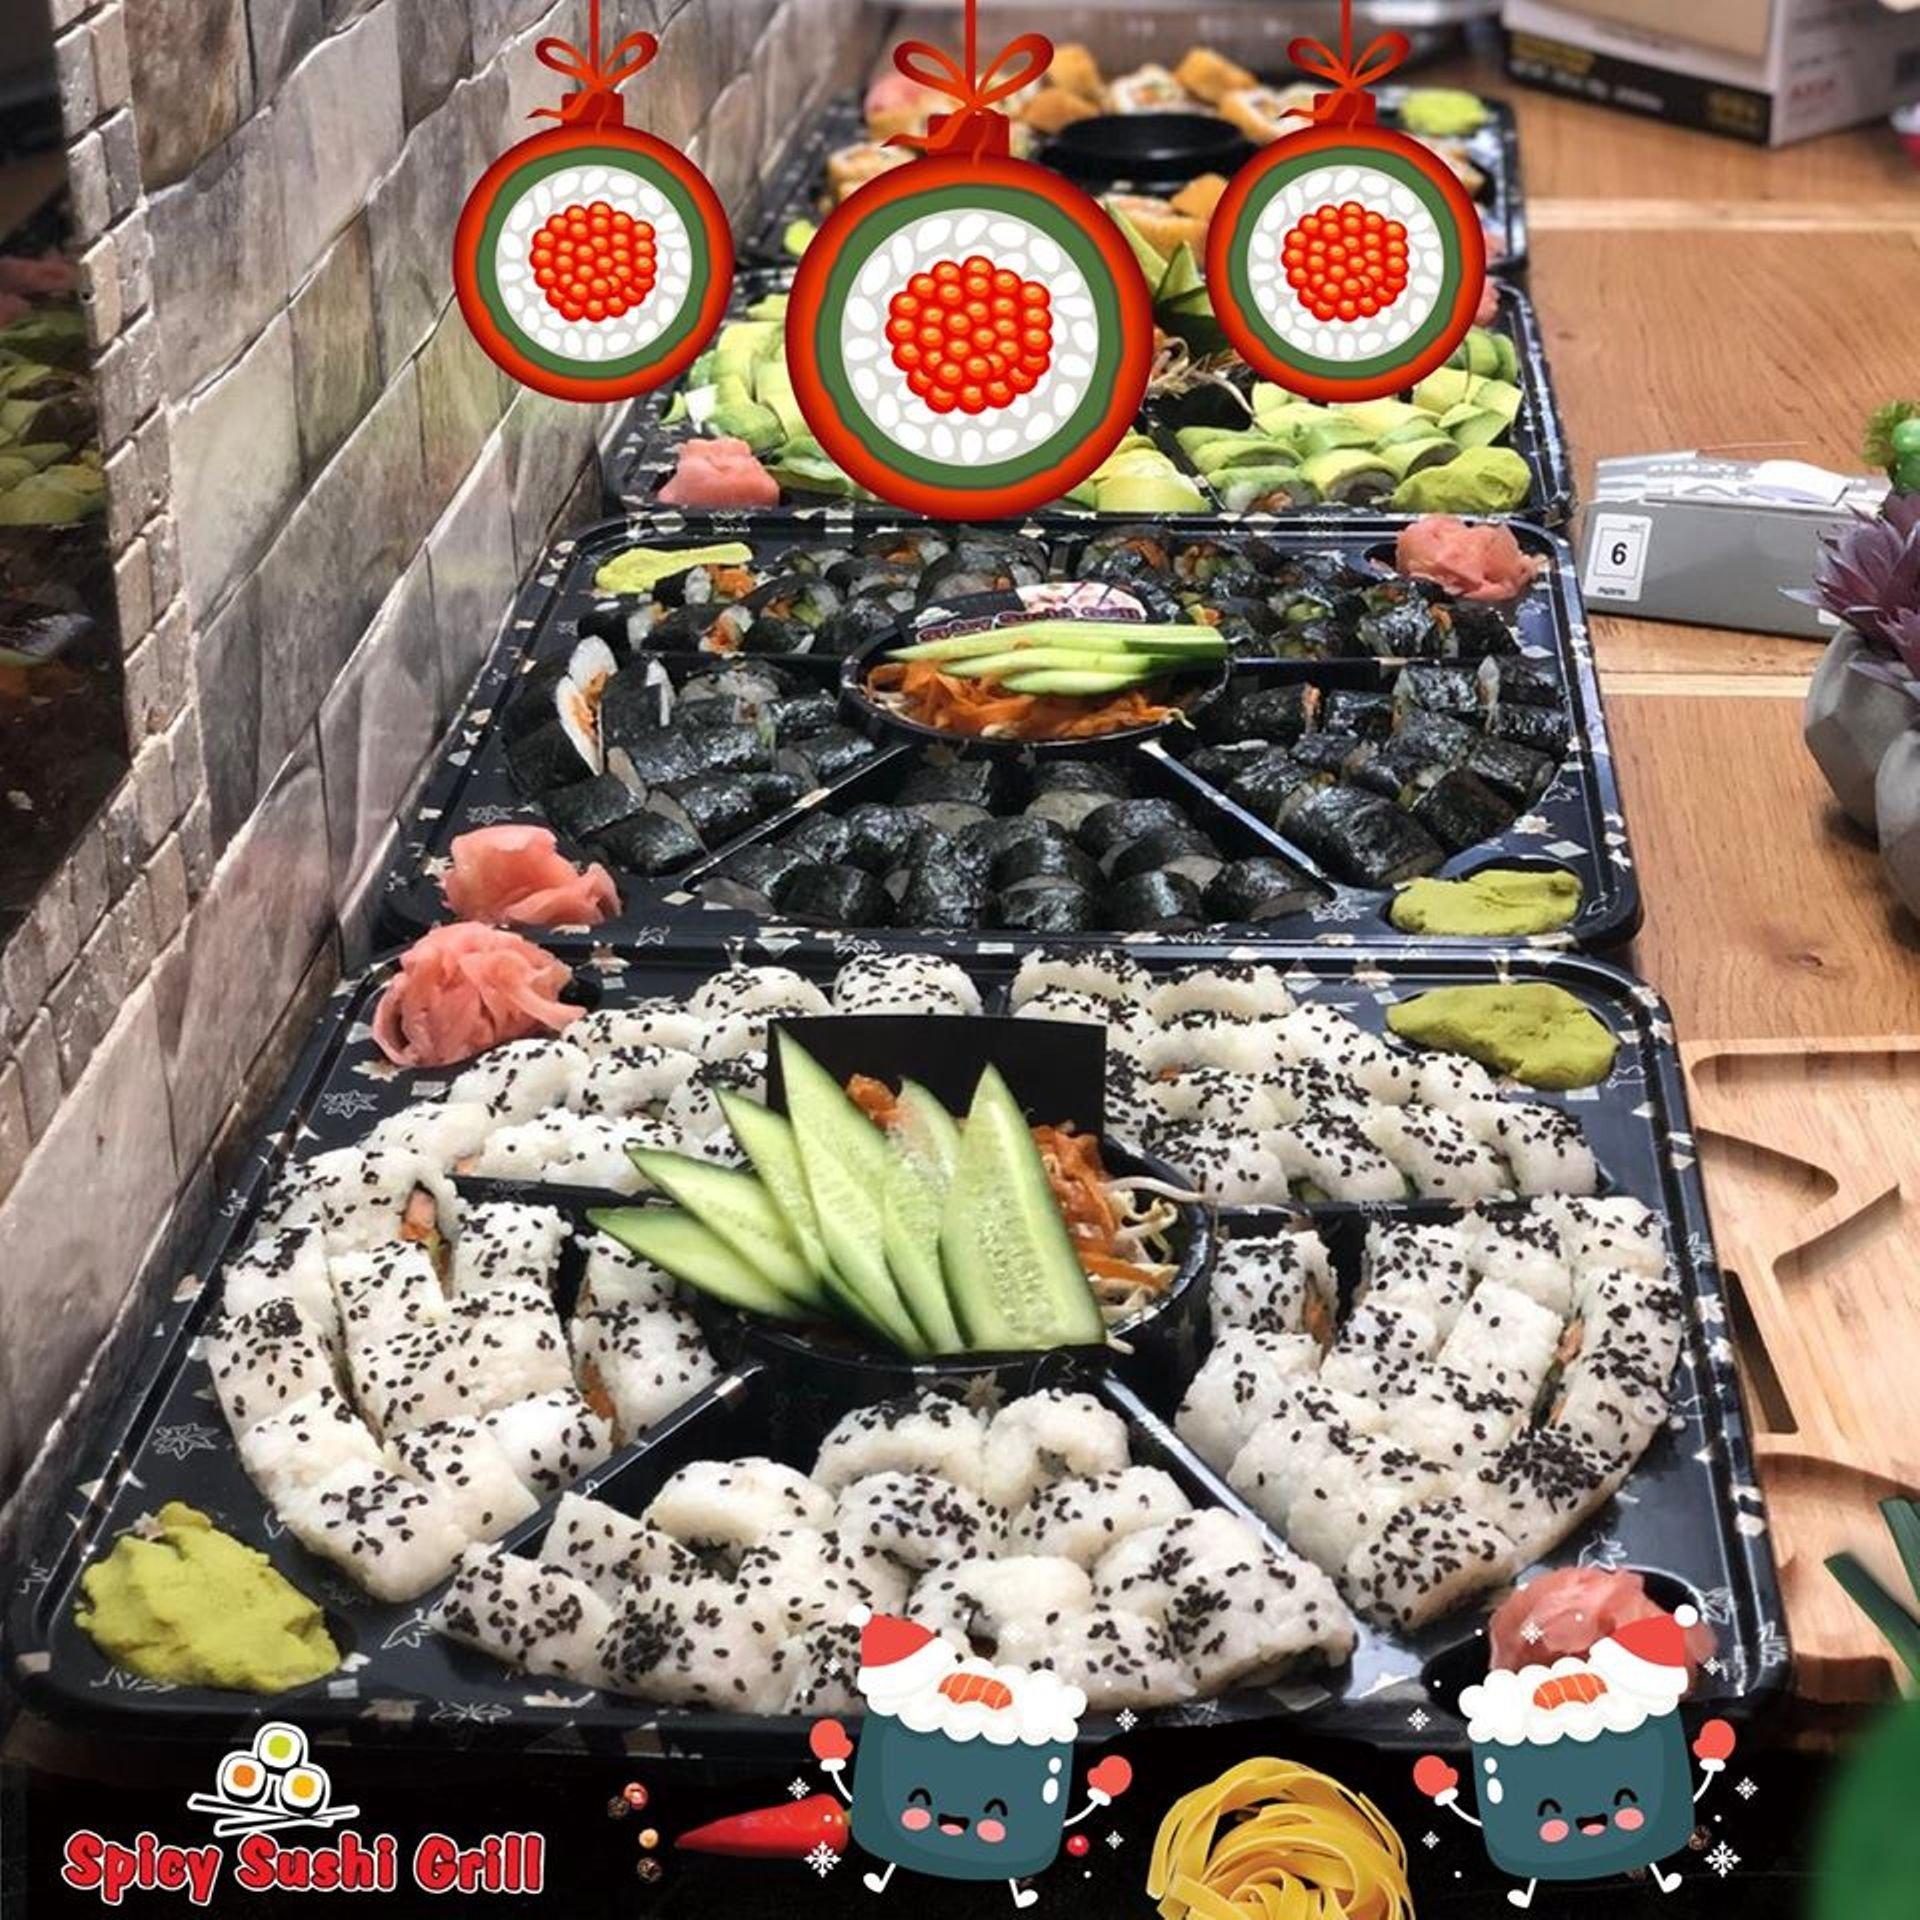 11 Spicy sushi Grill תְמוּנָה